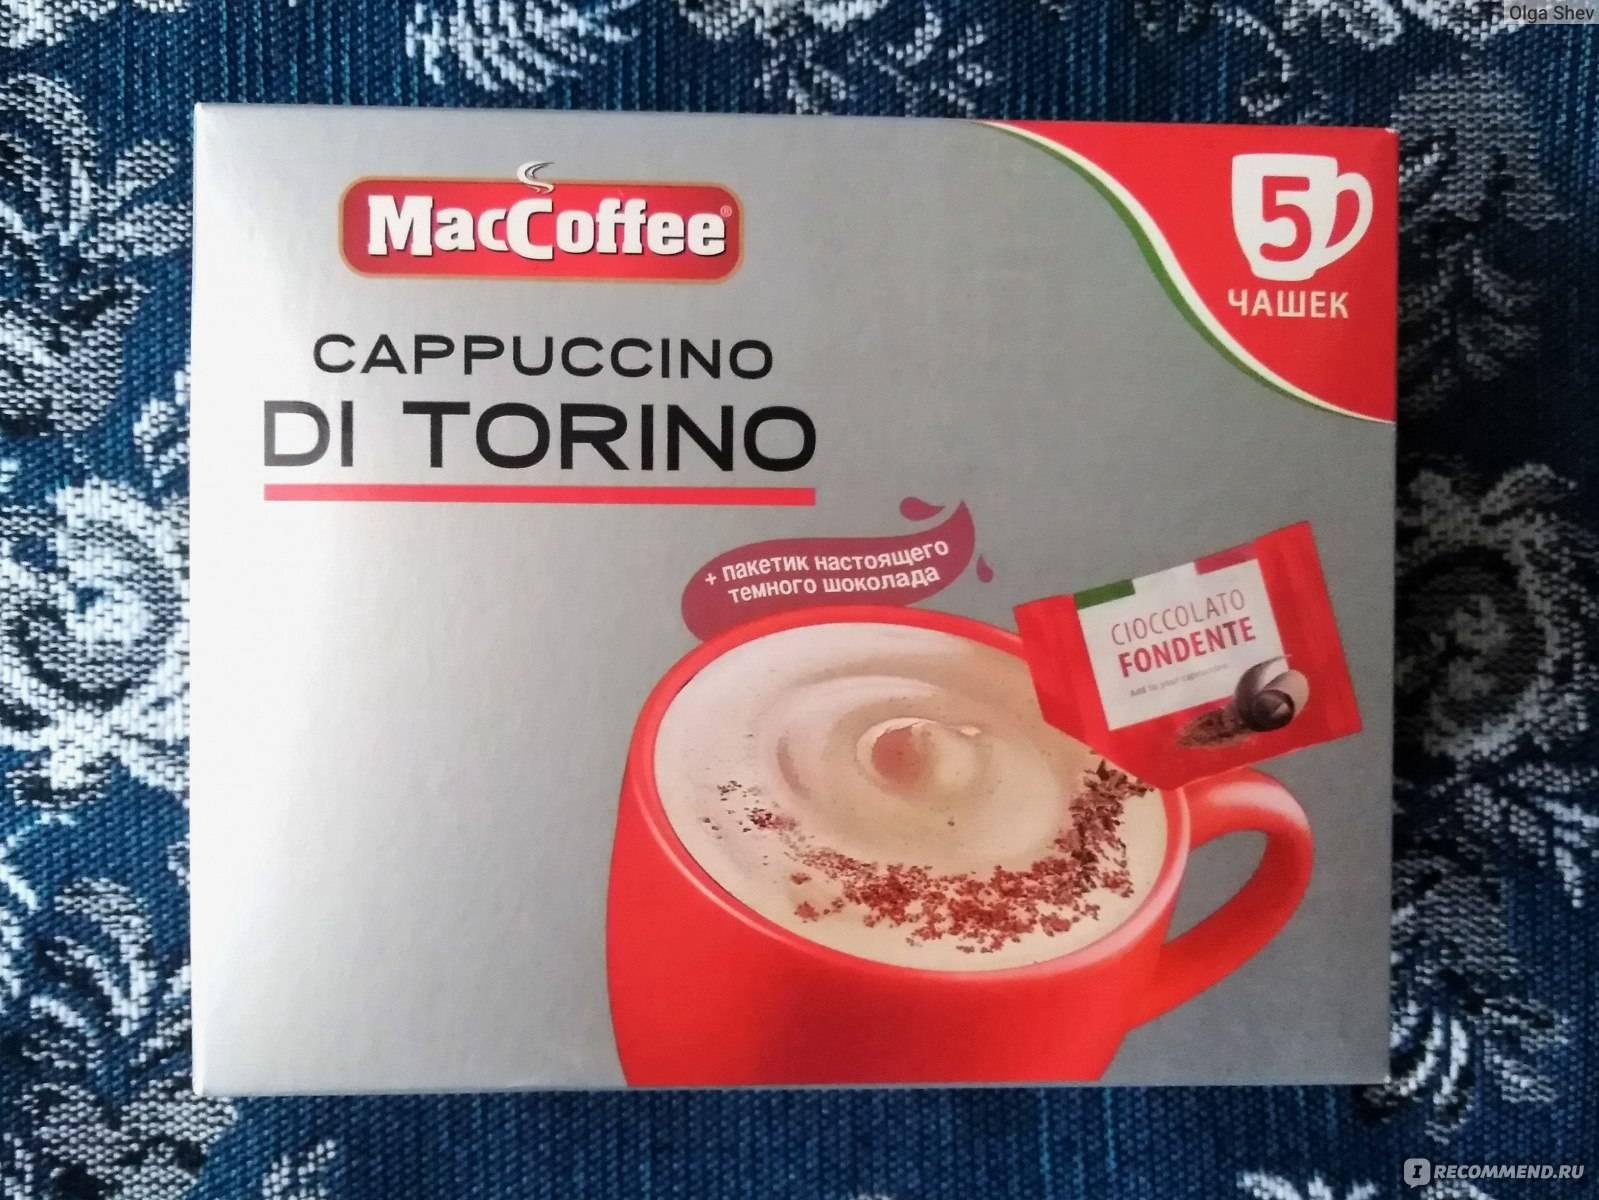 Кофе 3 в 1 калорийность маккофе – кофейный напиток maccoffee растворимый оригинальный 3 в 1 - калорийность, полезные свойства, польза и вред, описание